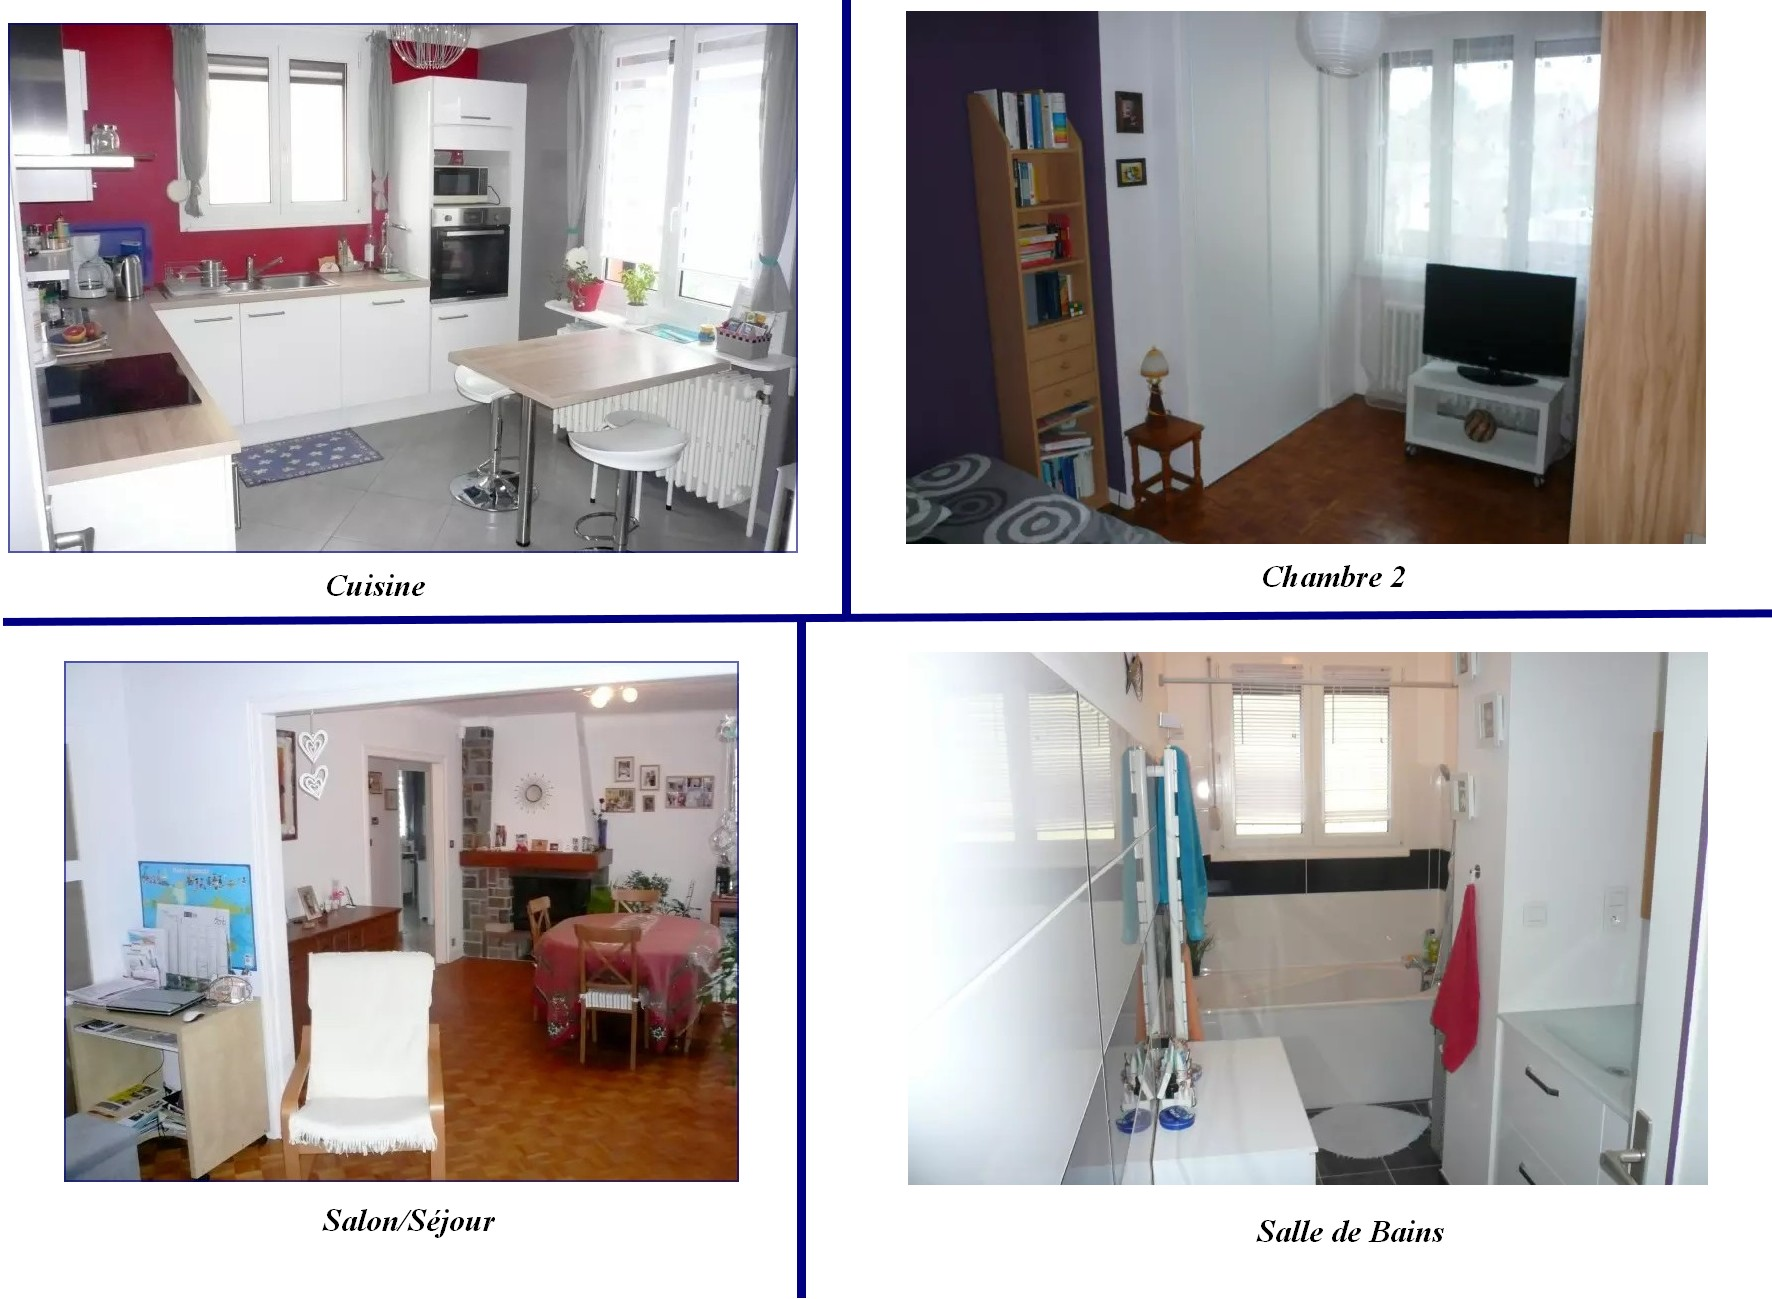 Vente maison 4 pieces 54410 laneuveville devant nancy 7652 - Piscine laneuveville devant nancy ...